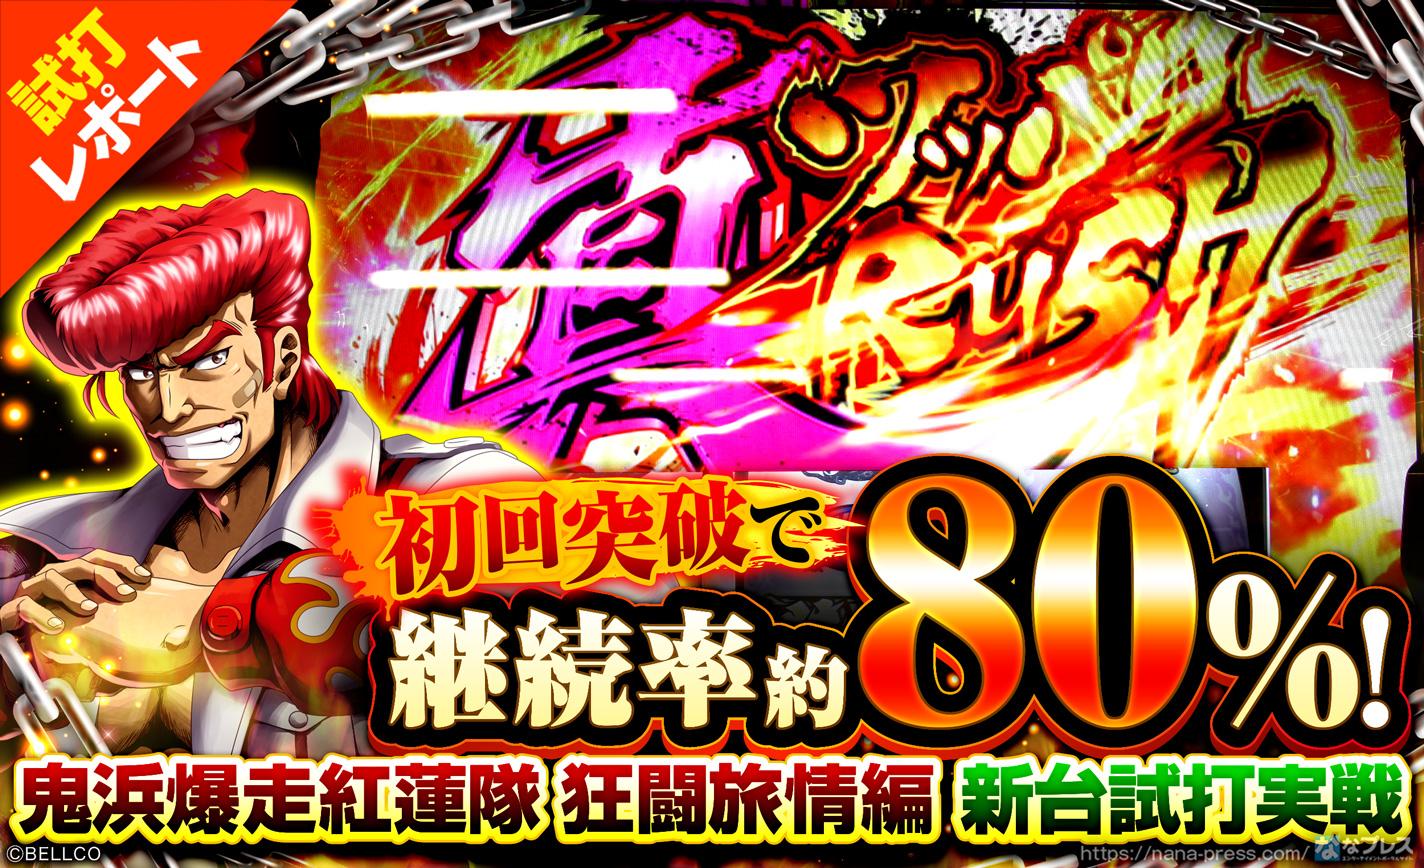 【鬼浜爆走紅連隊 狂闘旅情編 試打#2】AT初戦に勝利すれば継続率80%のメインATに突入! eyecatch-image